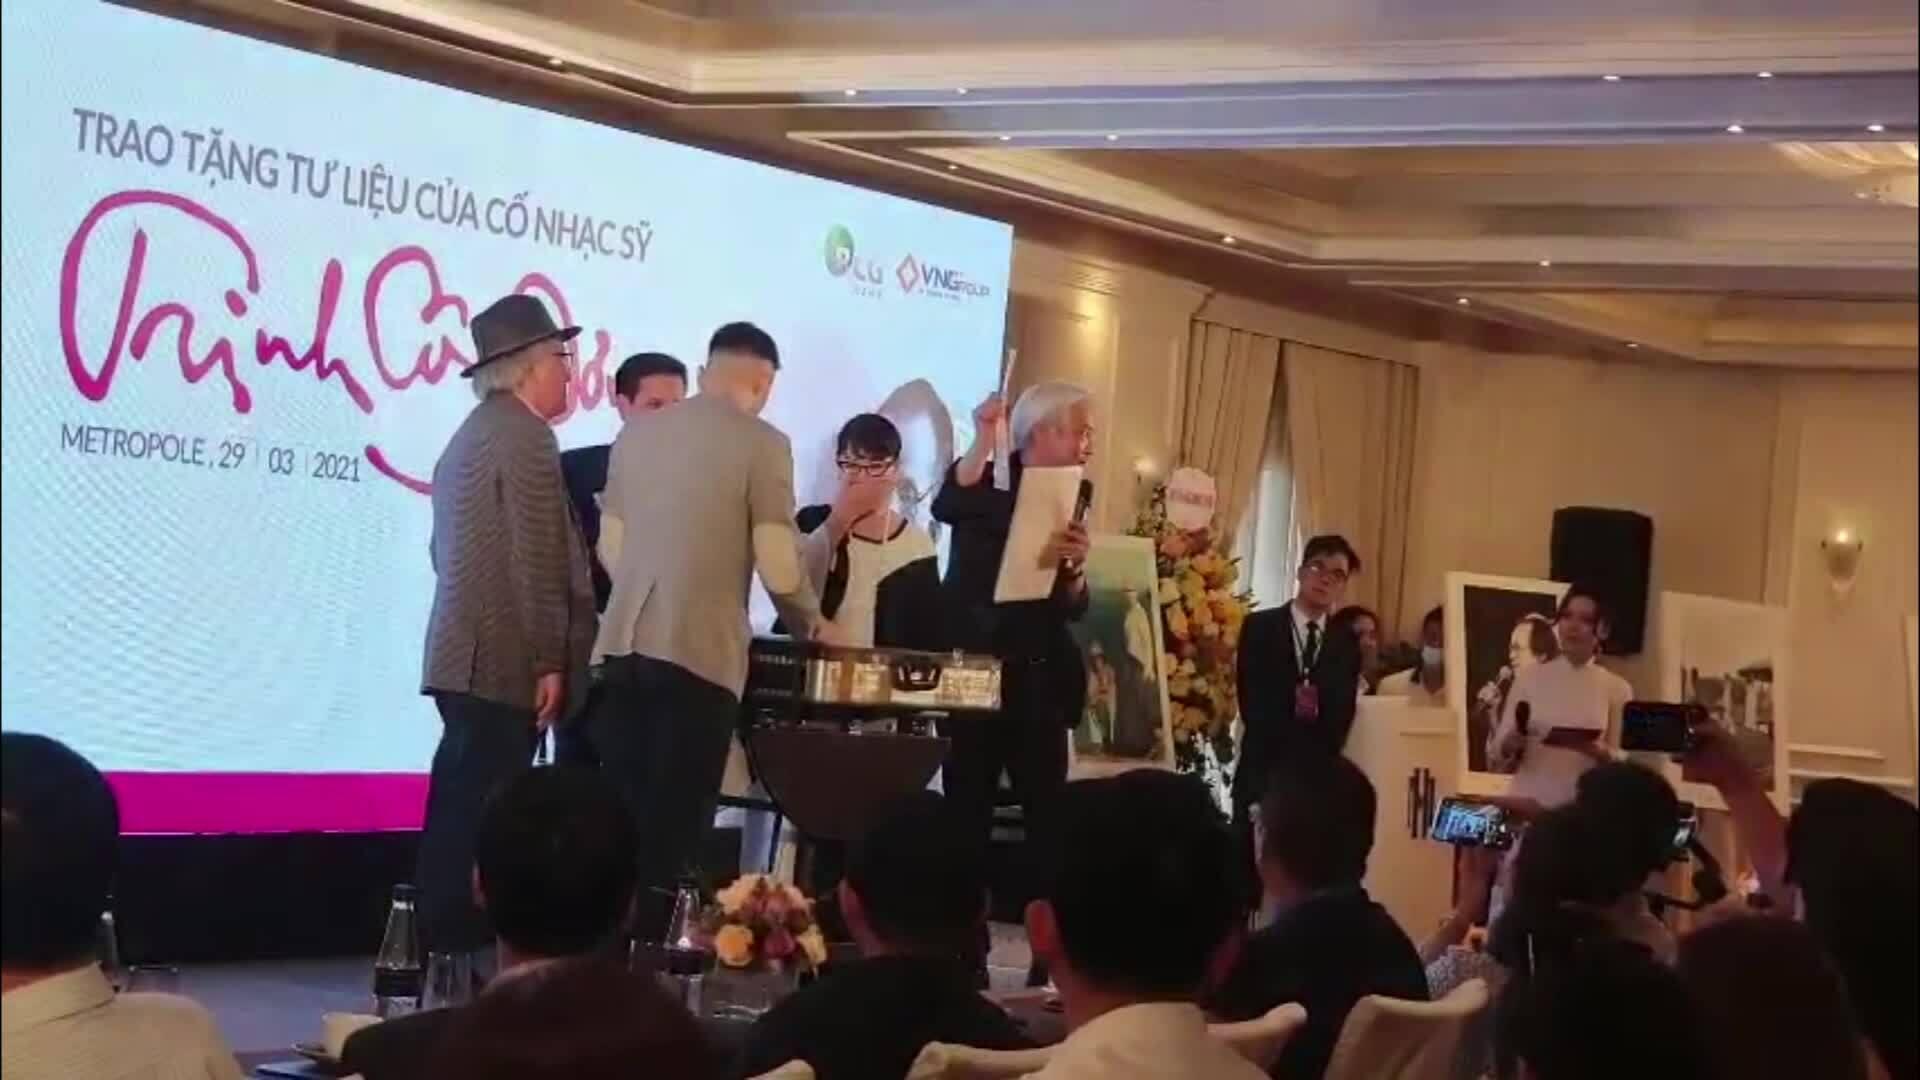 Dương Minh Long trao kỷ vật cho gia đình Trịnh Công Sơn